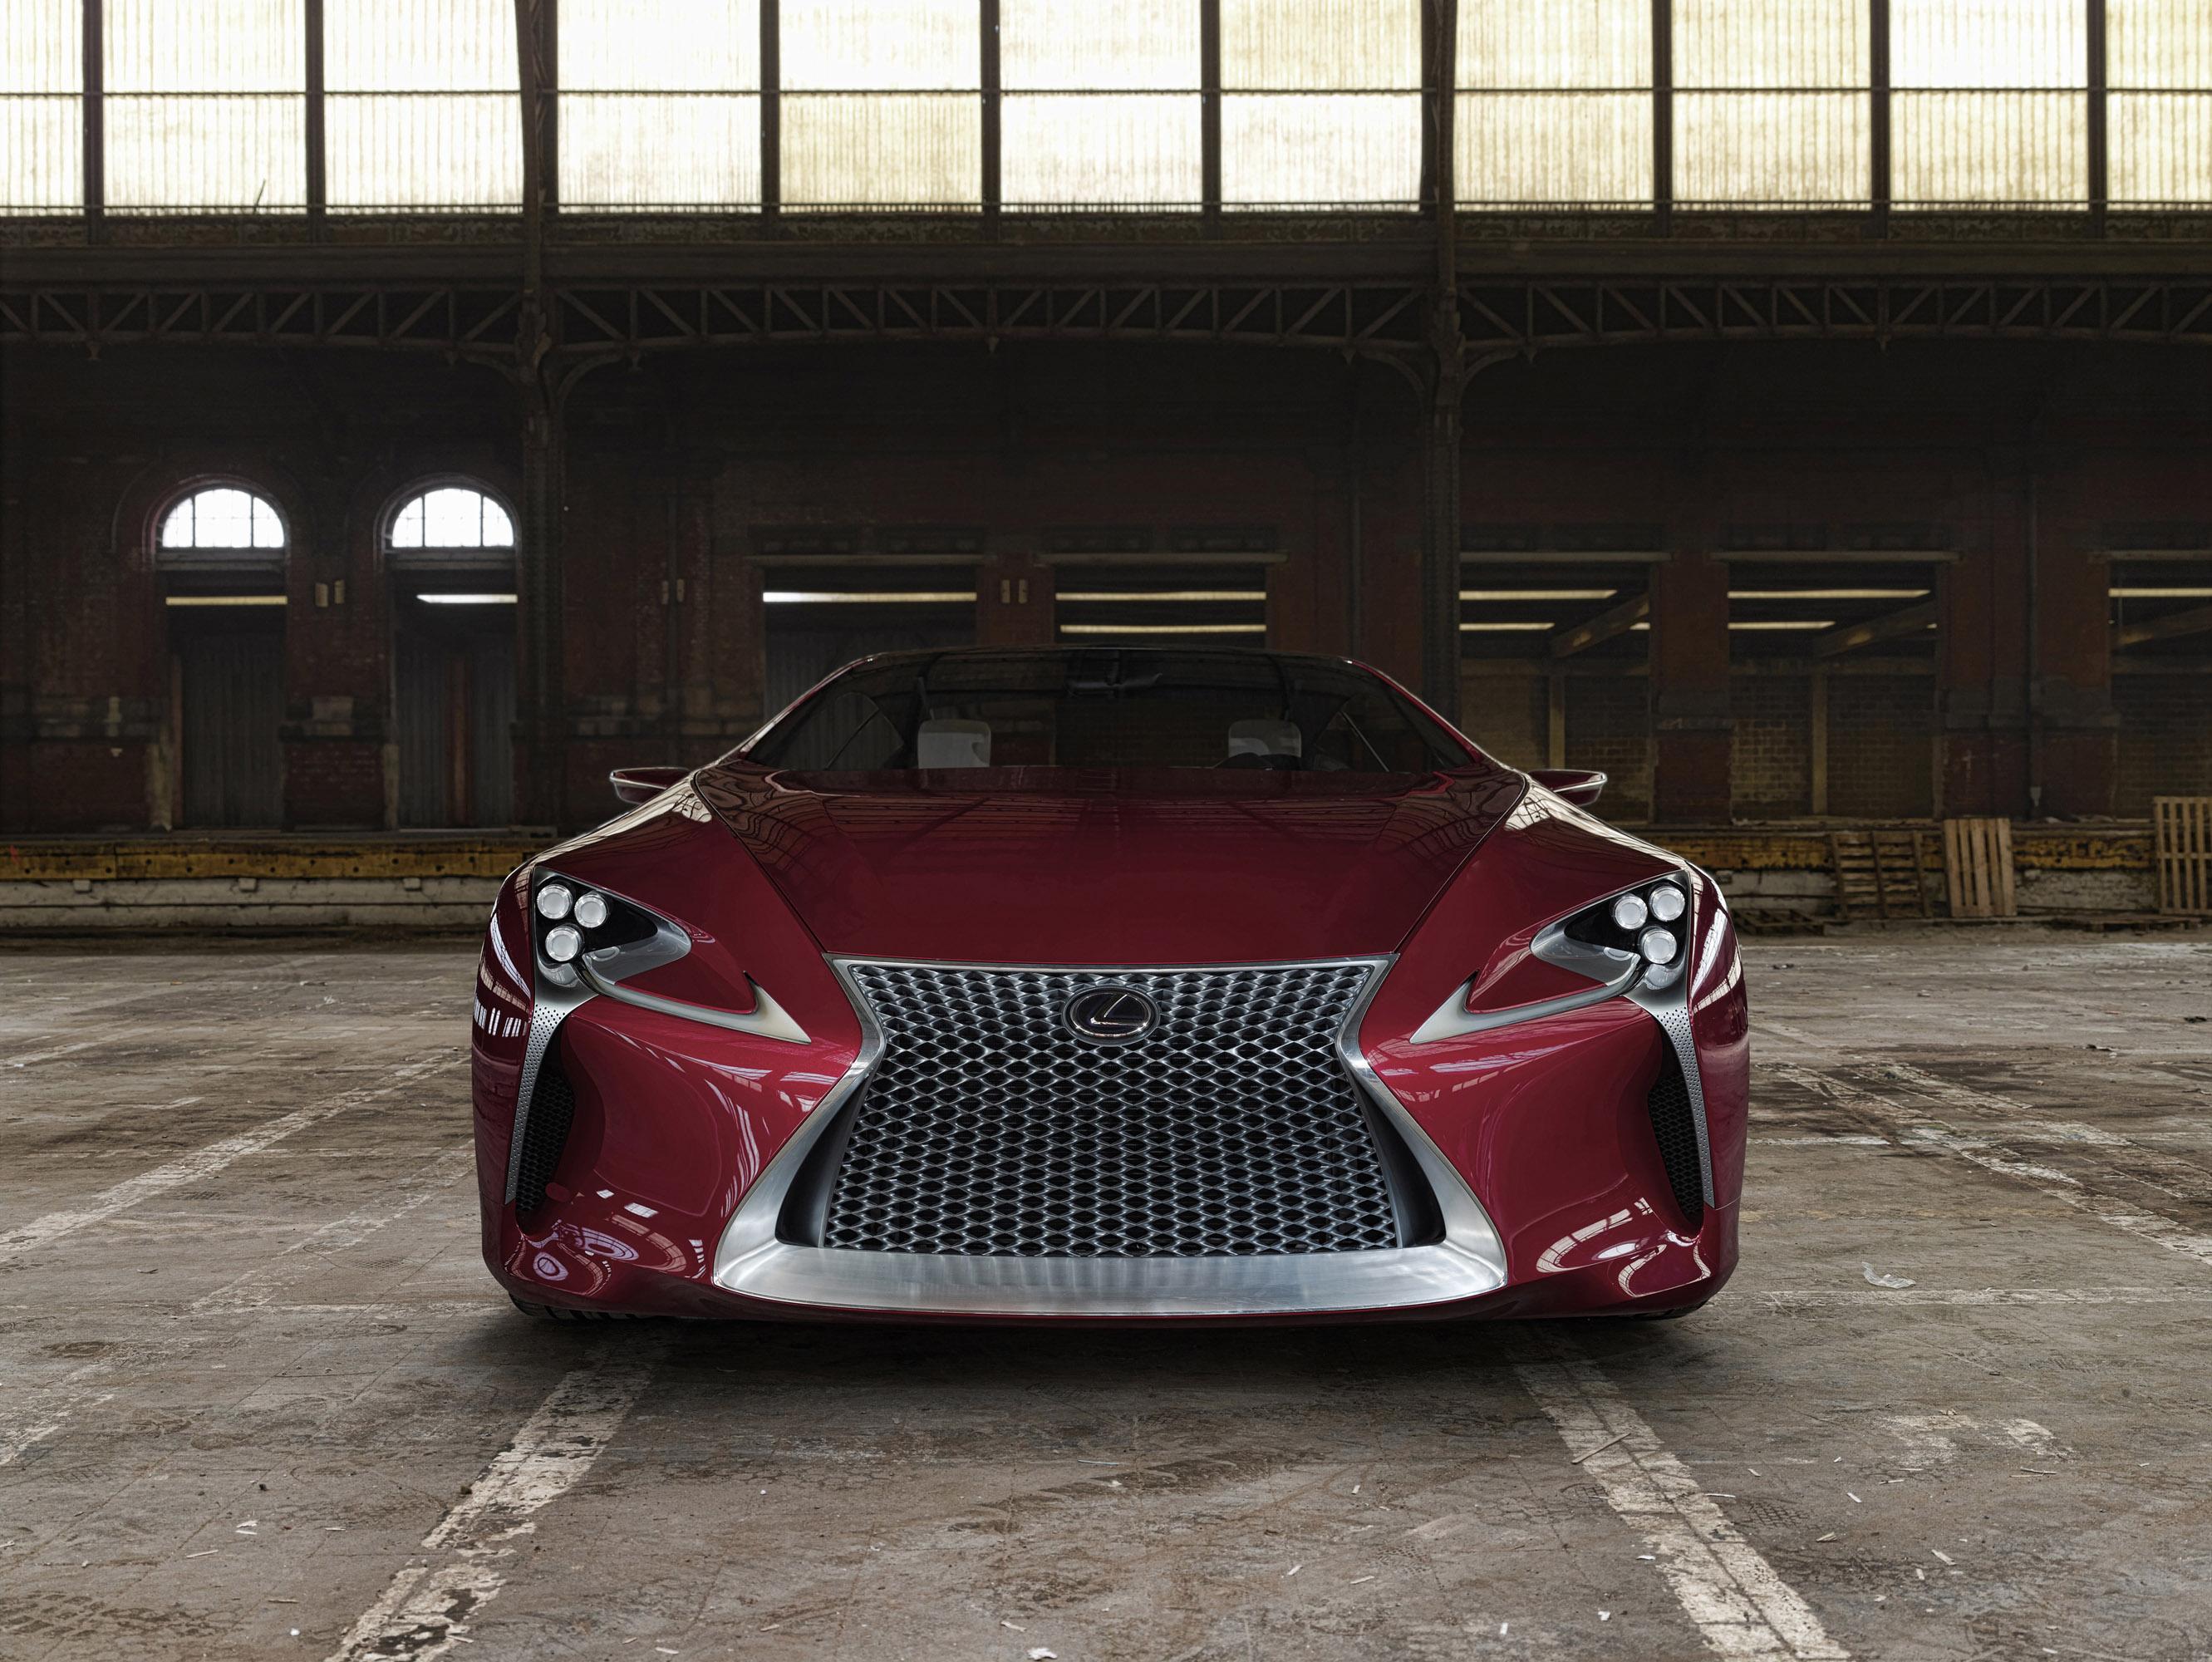 2012 Lexus LF-LC Concept - HD Pictures @ carsinvasion.com